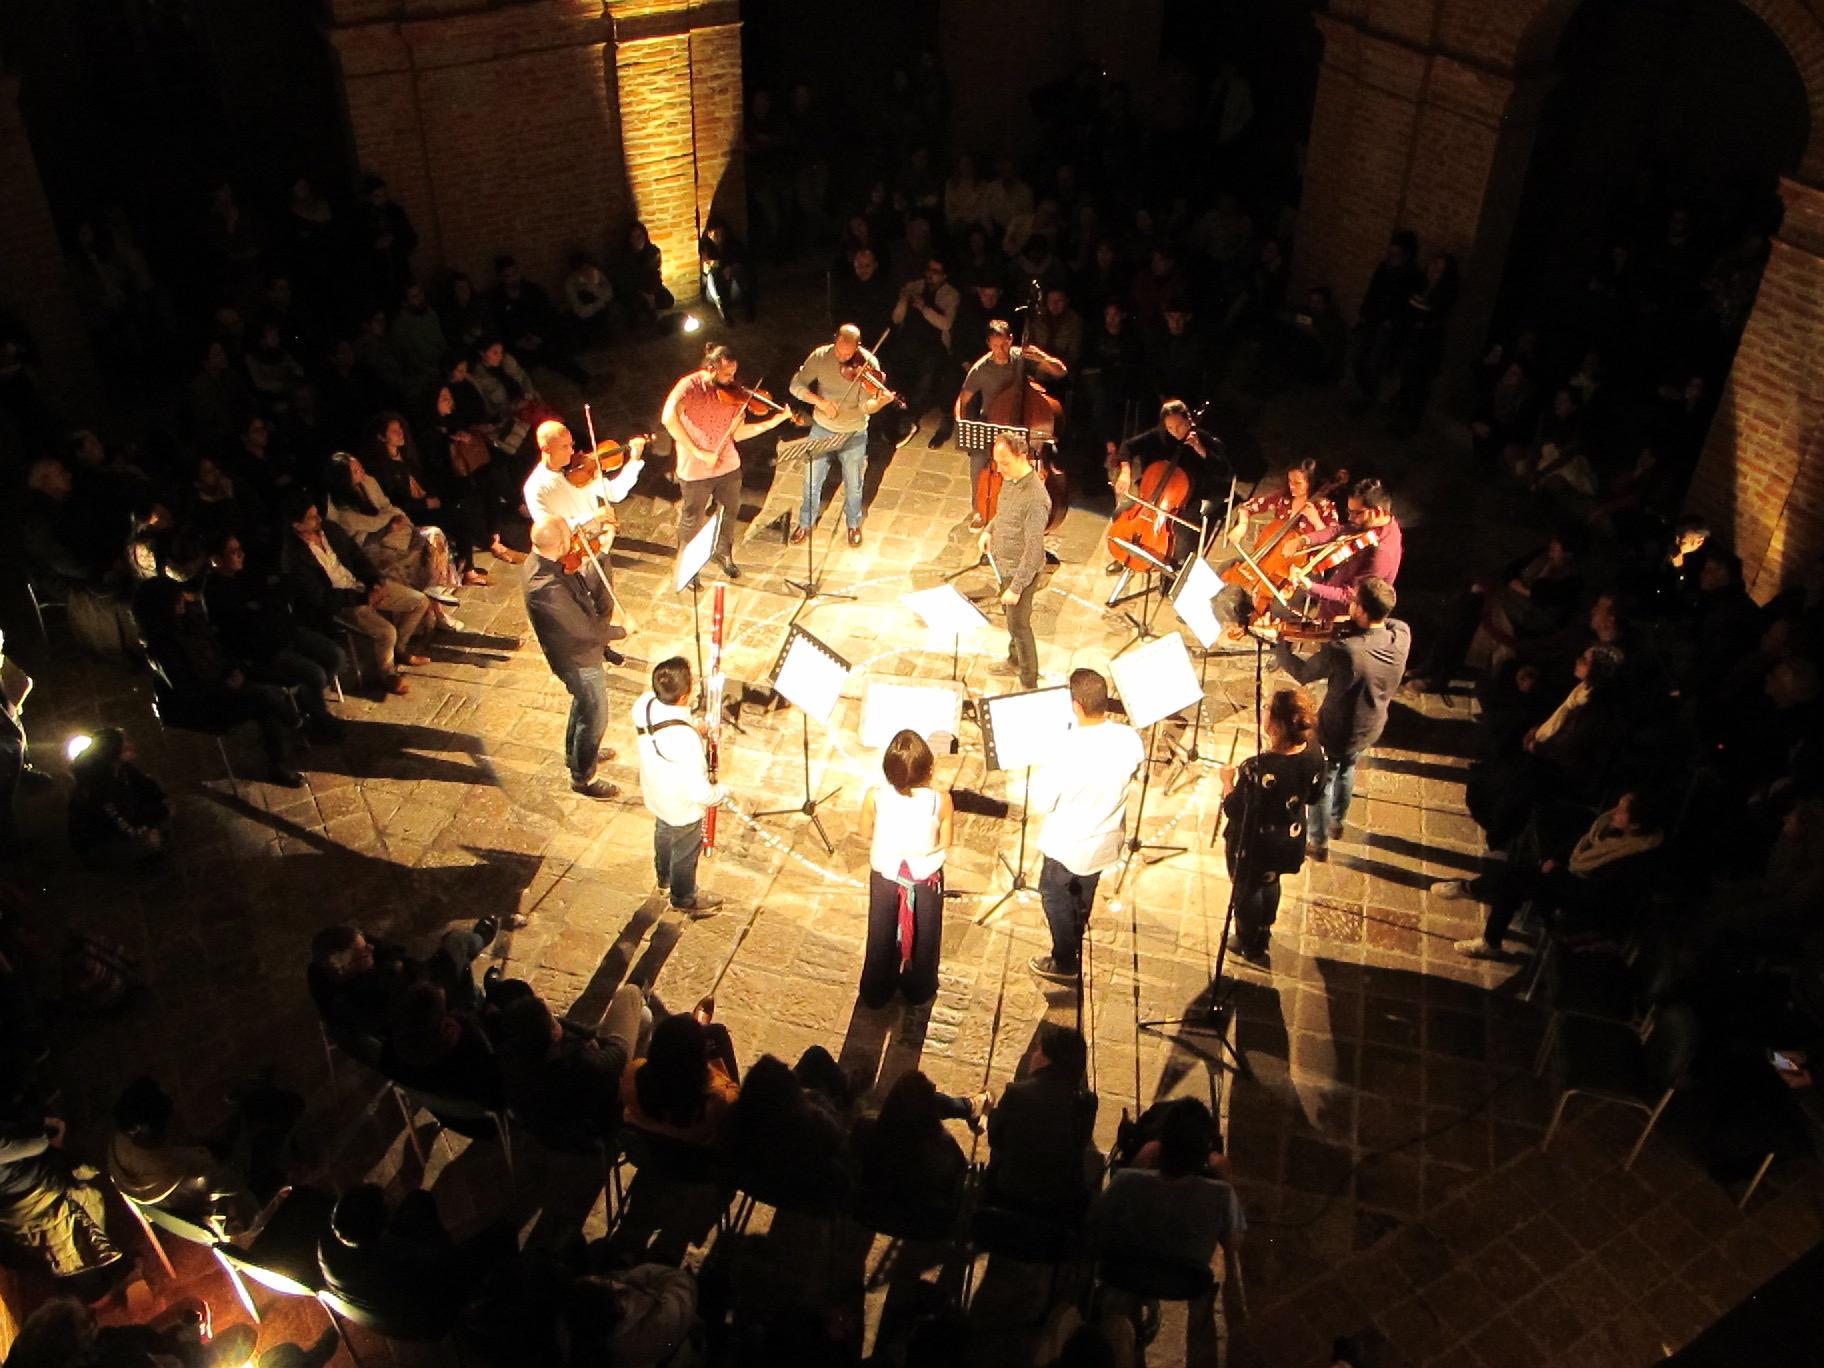 Centro de Arte Contemporáneo. Concierto  Roda de Amigos  Centro histórico de Quito. Junio 2018